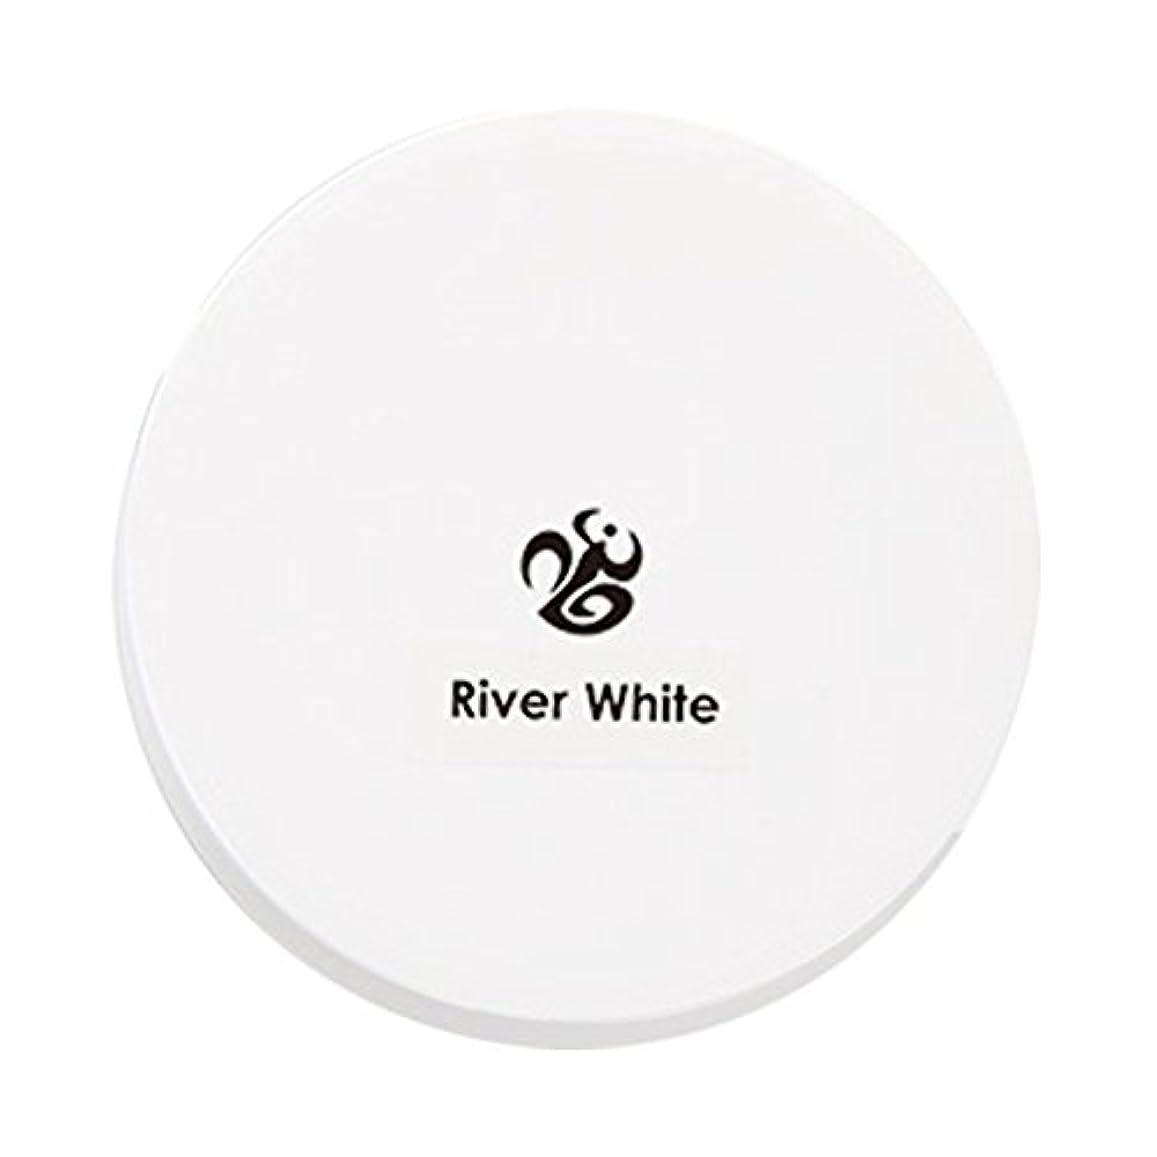 シェルターなんとなく弱まるネイルデダンス アクリルパウダー リバーホワイト 20g